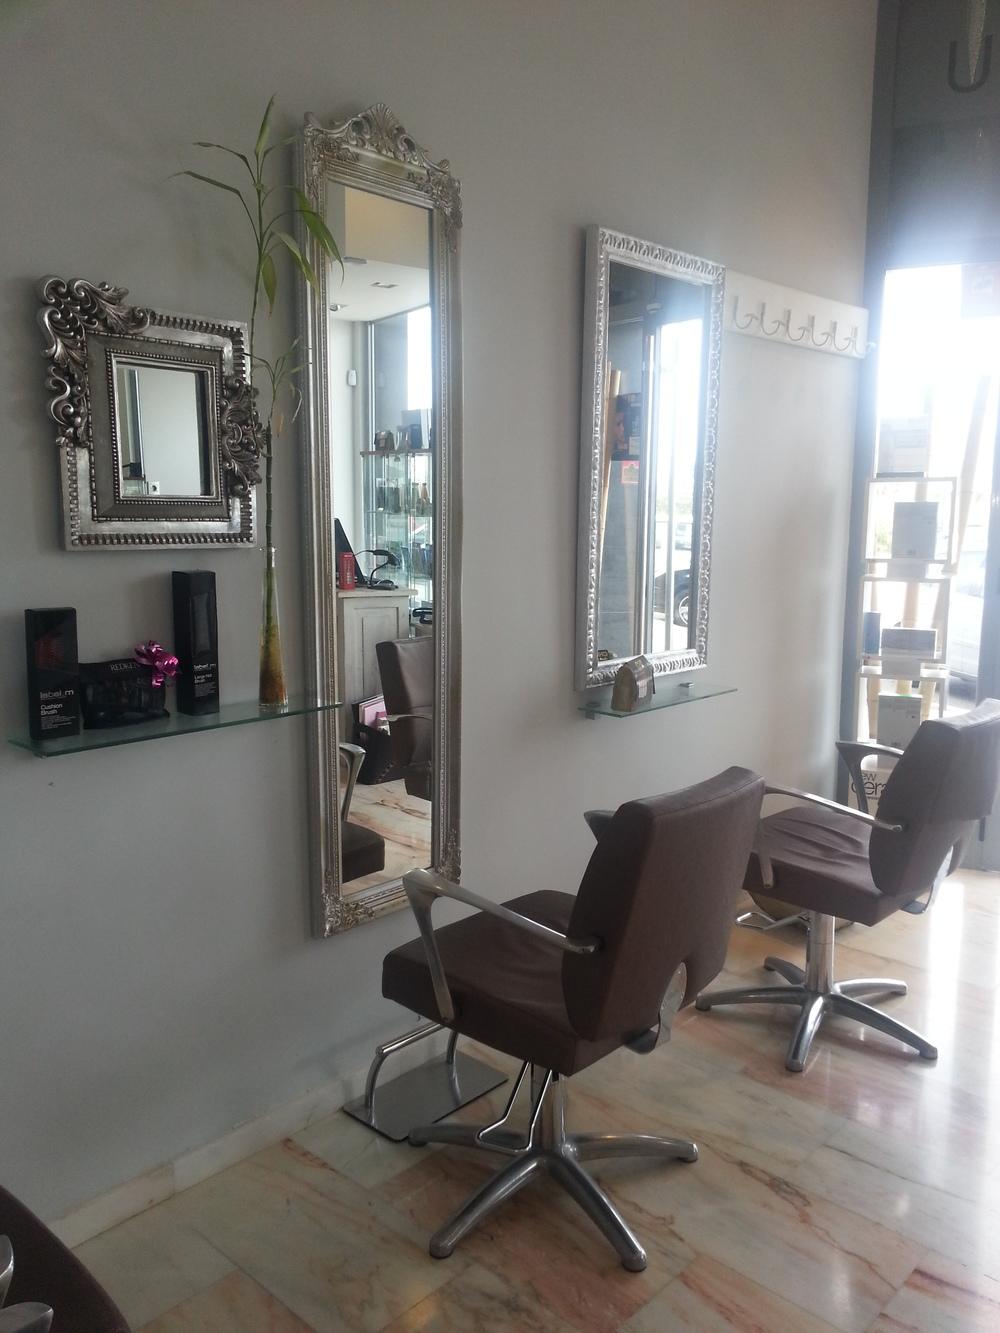 Blog de belleza baransu peluqueros ibiza peluqueria y for Espejos de diseno para salon